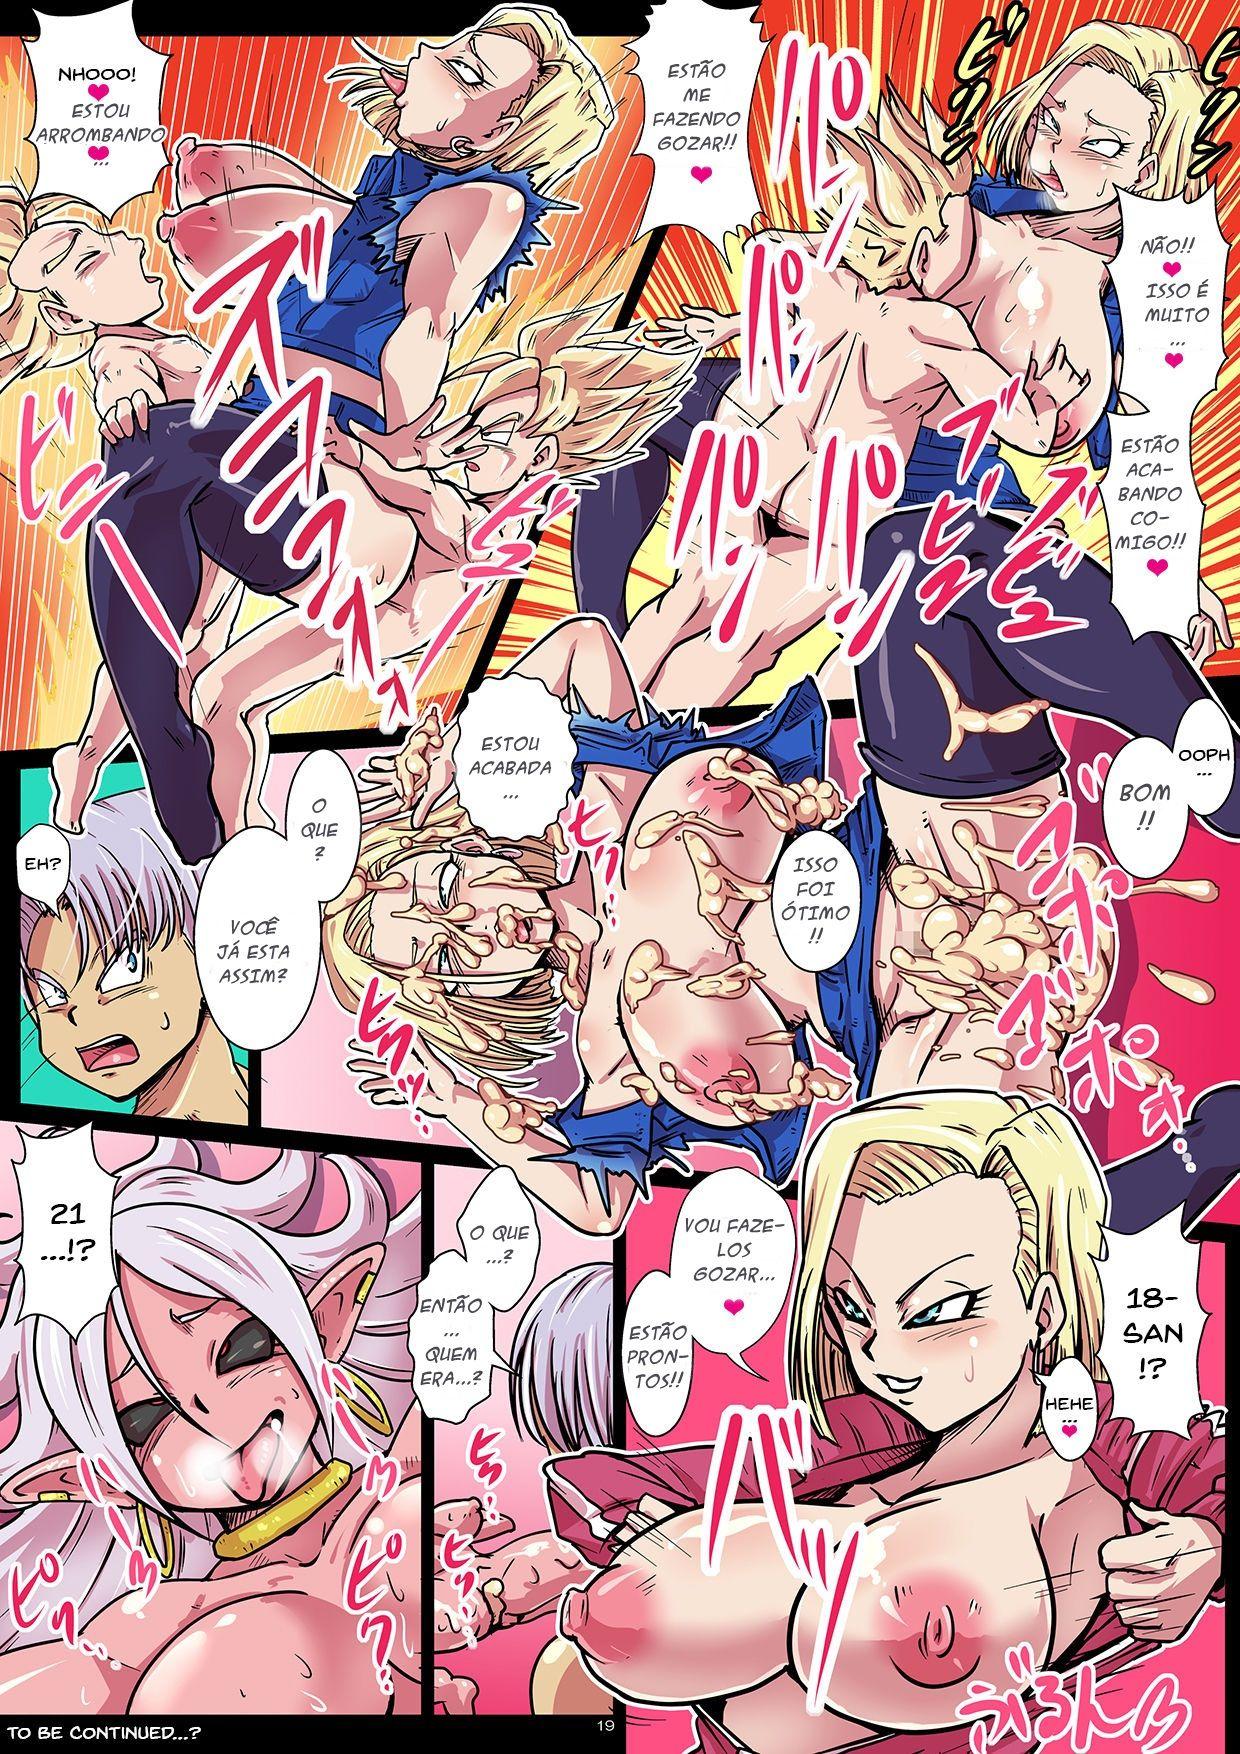 As-mãe-putas-Dragon-Ball-Z-19-1